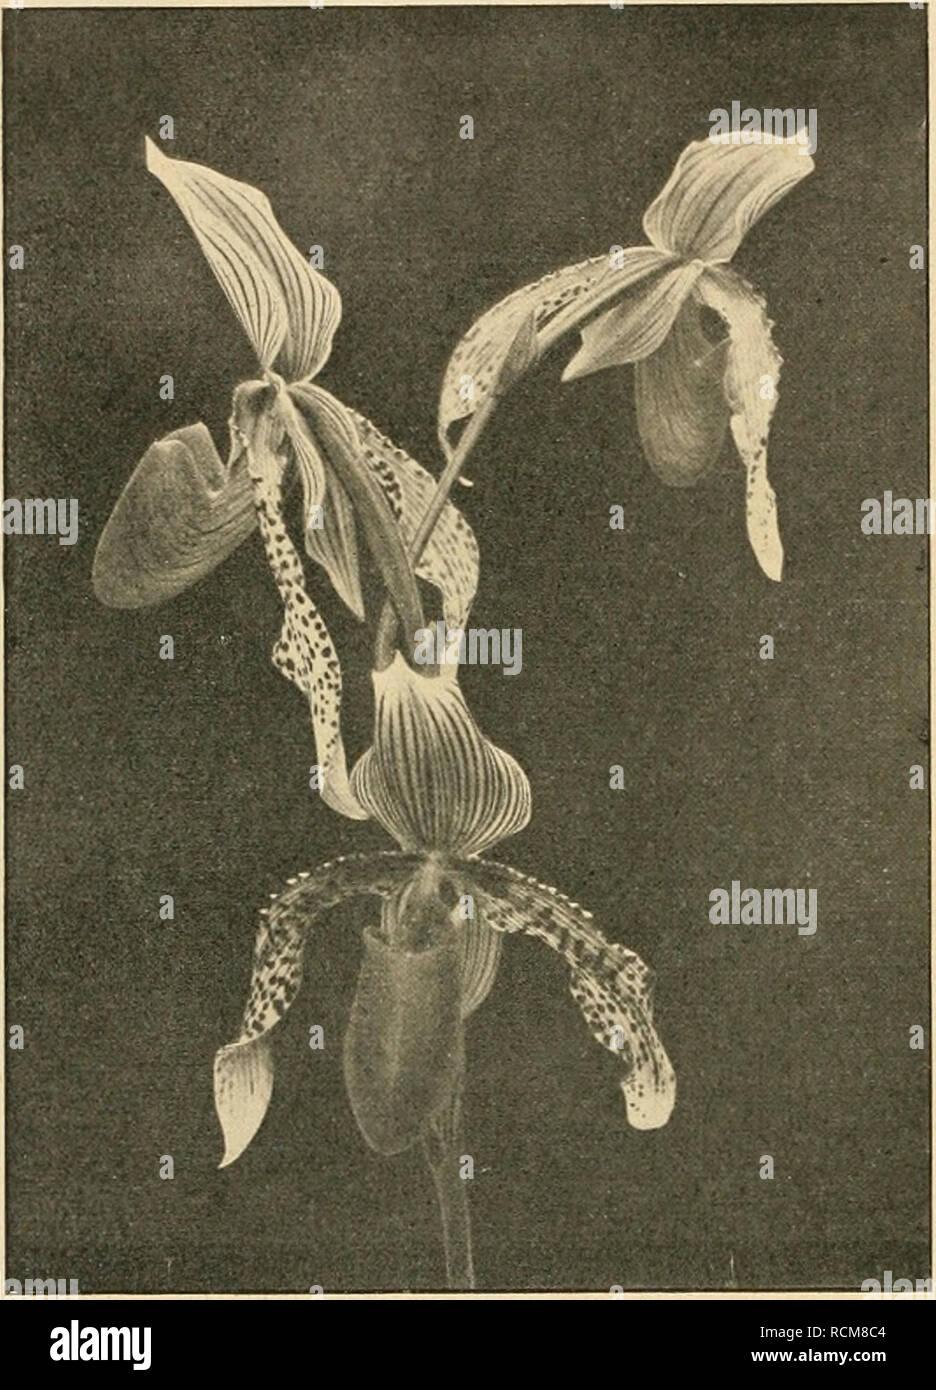 . Die Gartenwelt. Gardening. 42 Die Gartenwelt. XXIV, 5. Cypripedium Fischbeckianum, Blütenstand. Herbst fanden dann noch die durch ihre merkwürdige Gieß- brausenform interessanten Fruchtstände viele Bewunderer. Nachdem uns im Jahre 1915 die Verpflichtung wurde, die Beheizung des Beckens einzustellen, um an Heizmaterial und Kosten jeder Art zu sparen, ging es mit dei- schönen Lotosblume bald abwärts. Im ersten Jahre nach Einstellung der Erwärmung des Wassers war zwar die Entwicklung der Blätter noch verhältnismäßig gut, aber die der Blüten doch sdion ziemlich dürftig. Im zweiten Jahre erschien Stock Photo